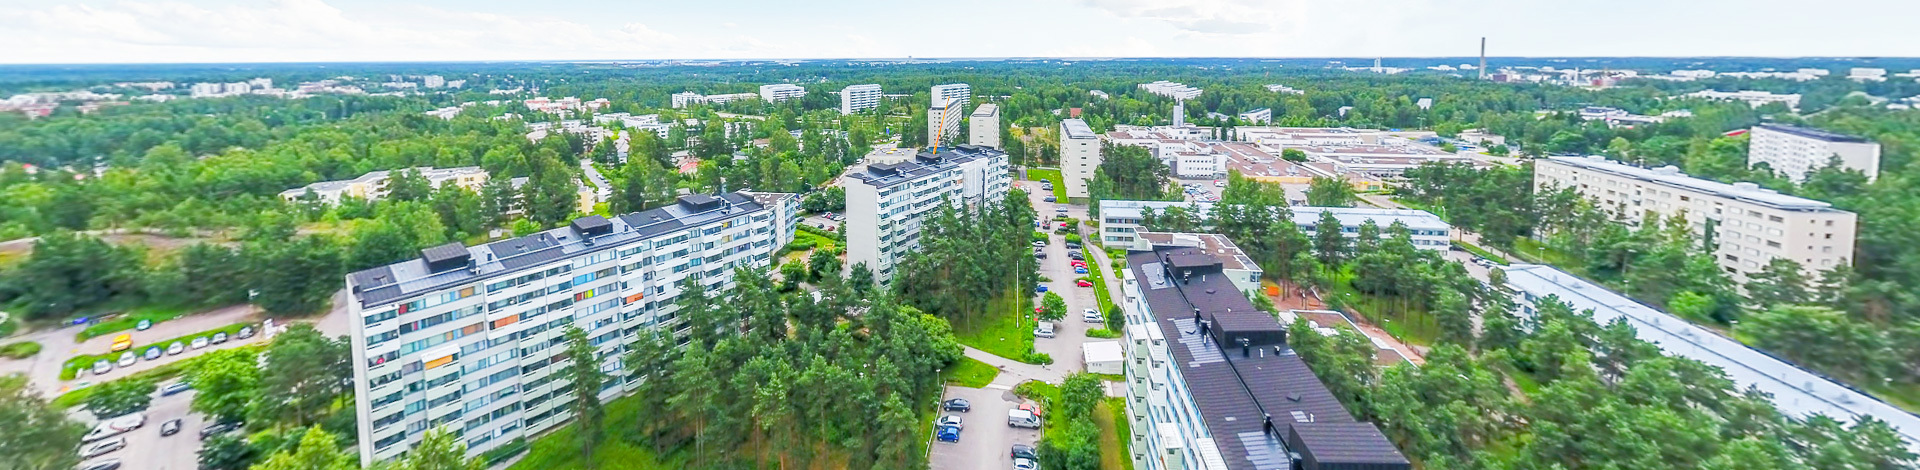 Myytävät Asunnot Helsinki